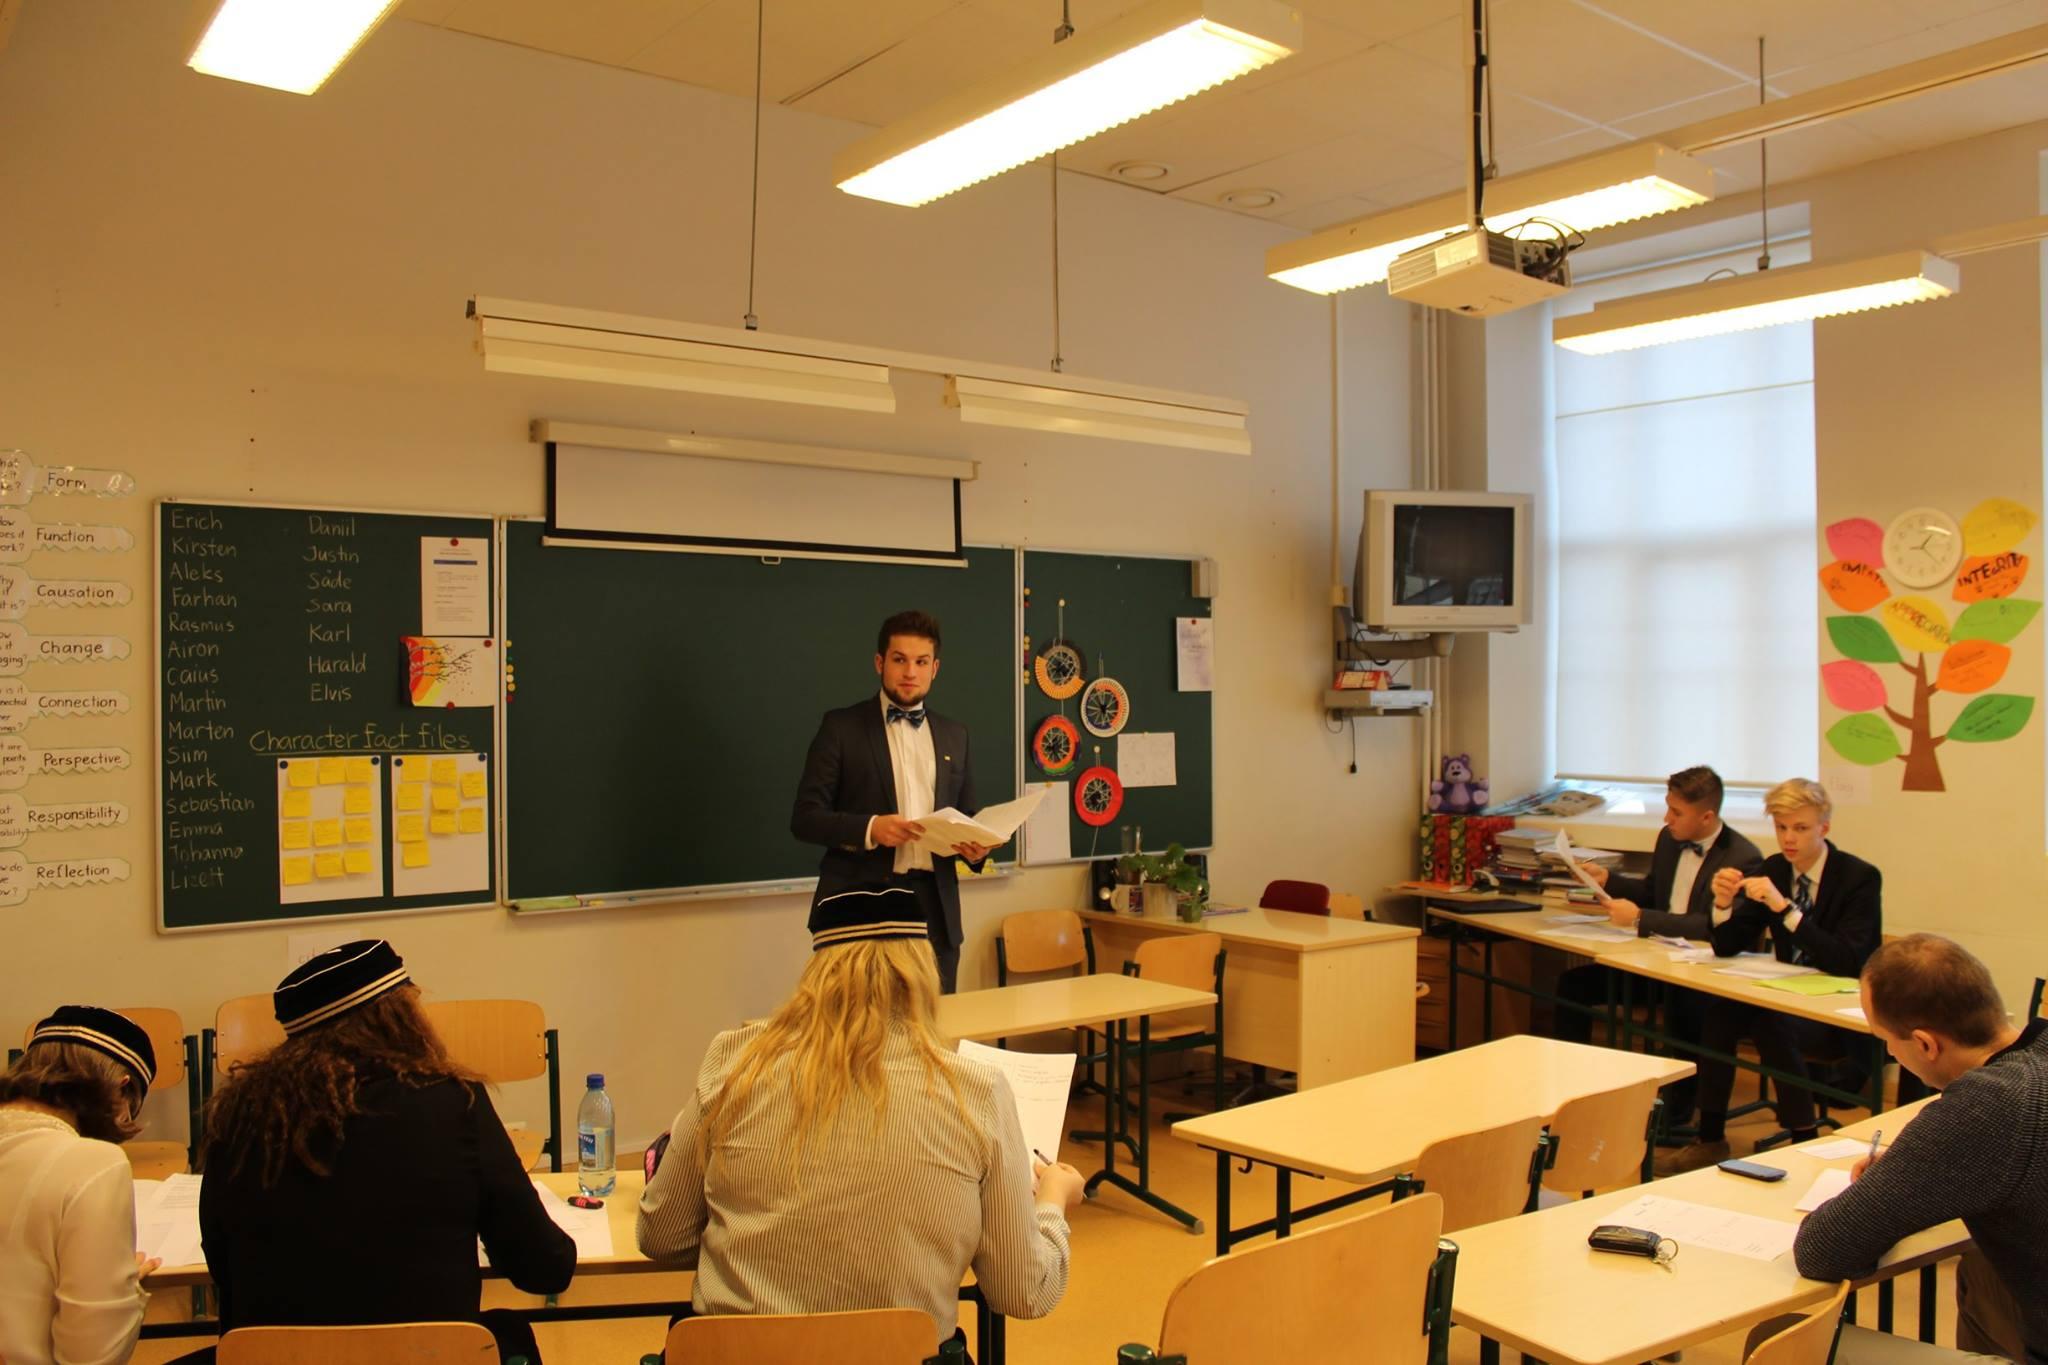 Presideni väitlusturniiril osales üle 200 noore üle Eesti